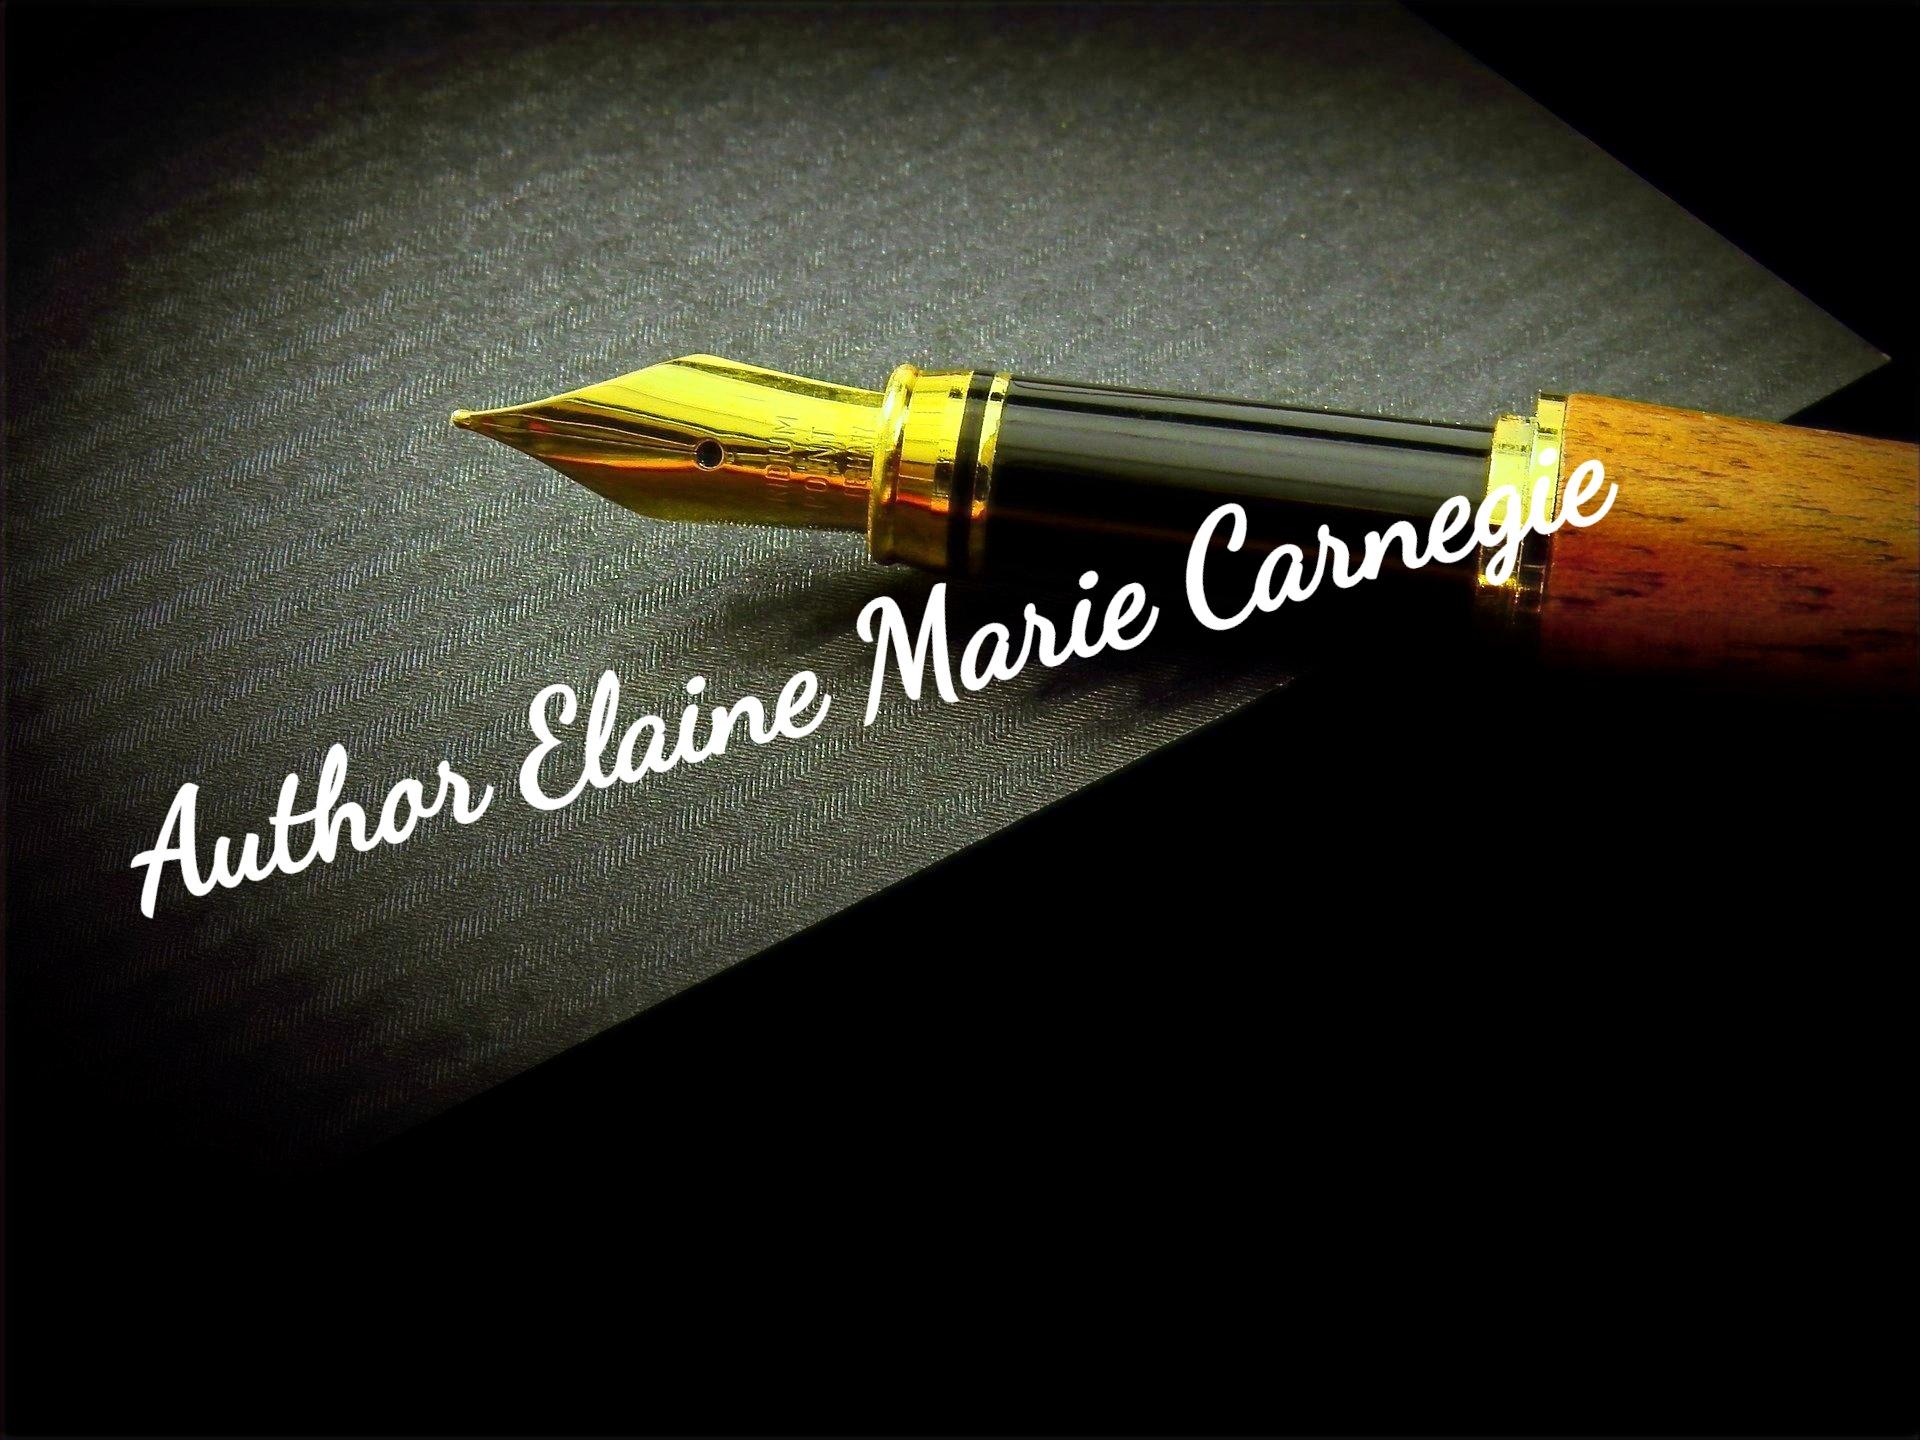 Elaine M Carnegie